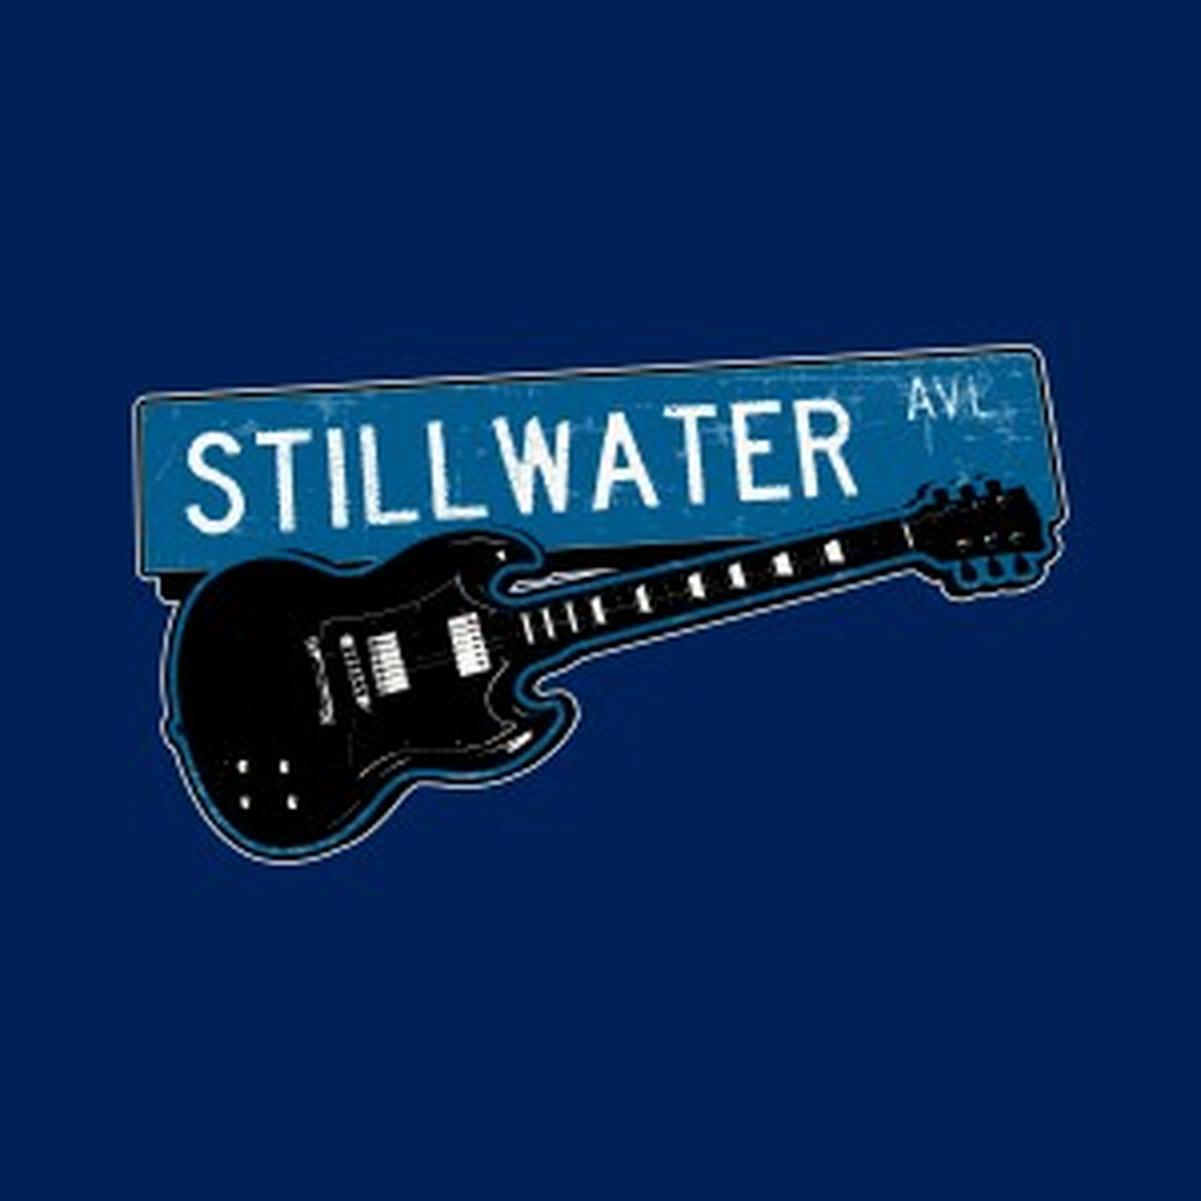 Stillwater Avenue wiki, Stillwater Avenue review, Stillwater Avenue history, Stillwater Avenue news